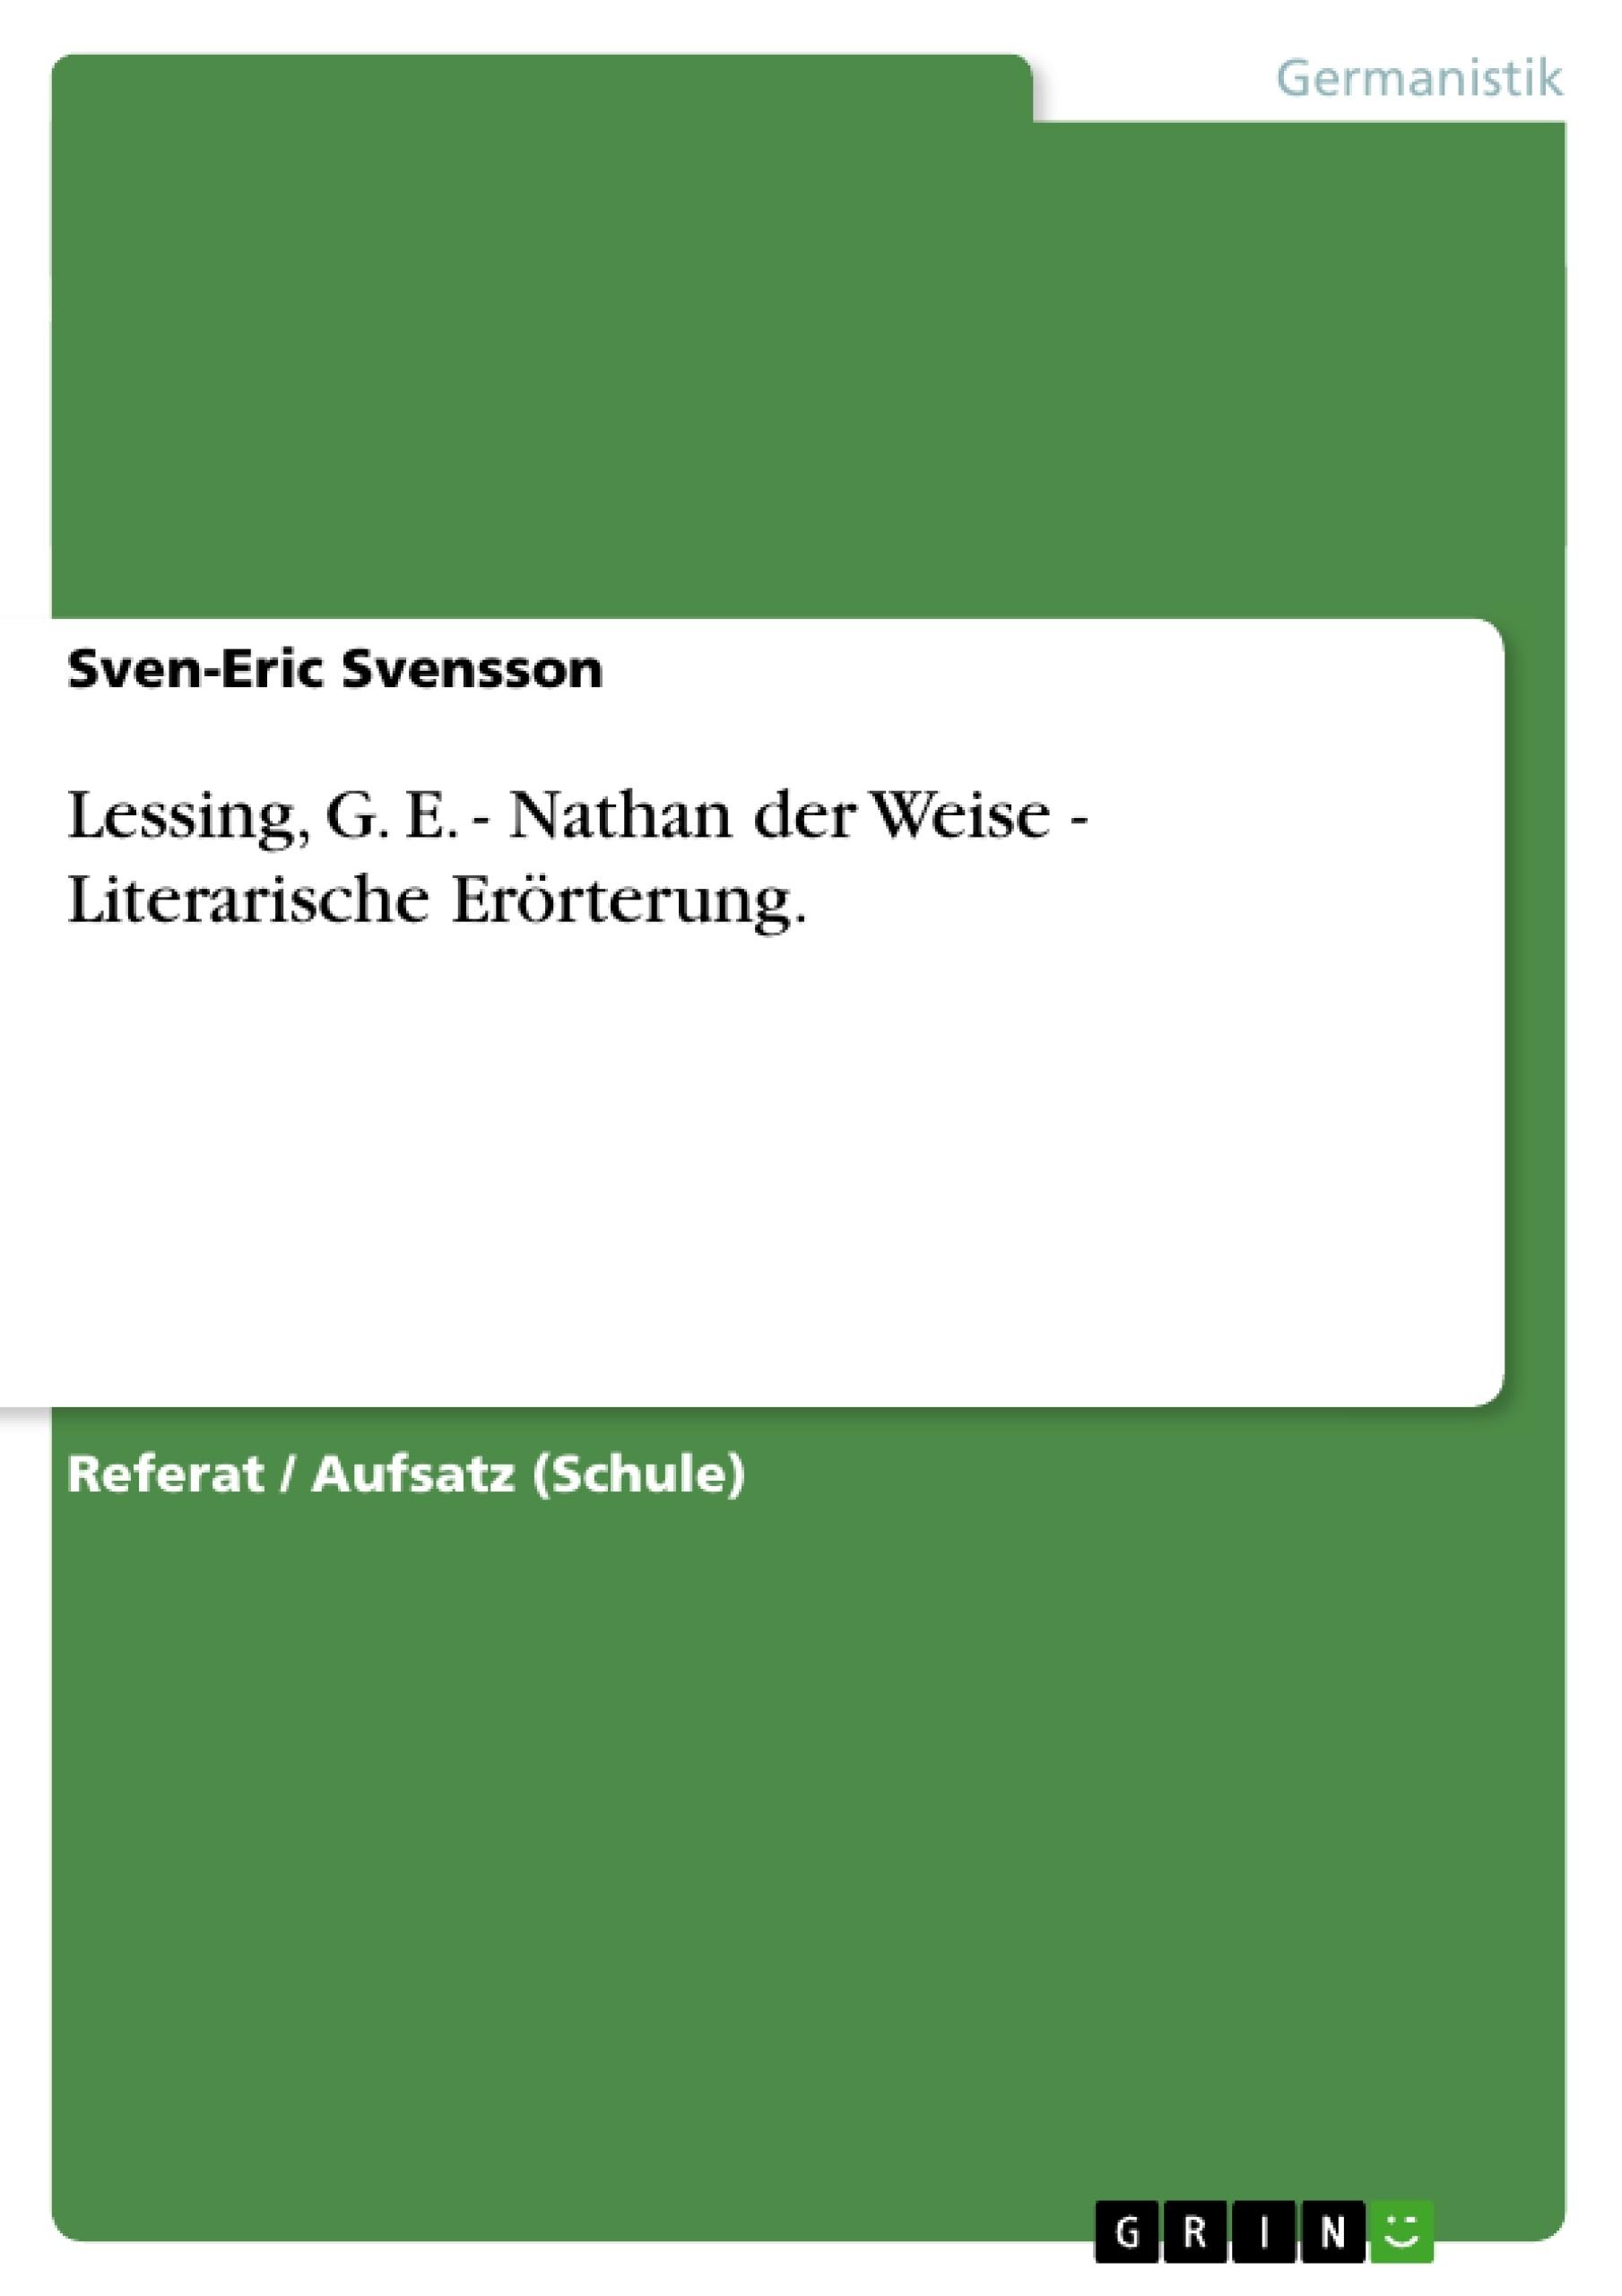 Titel: Lessing, G. E. - Nathan der Weise - Literarische Erörterung.